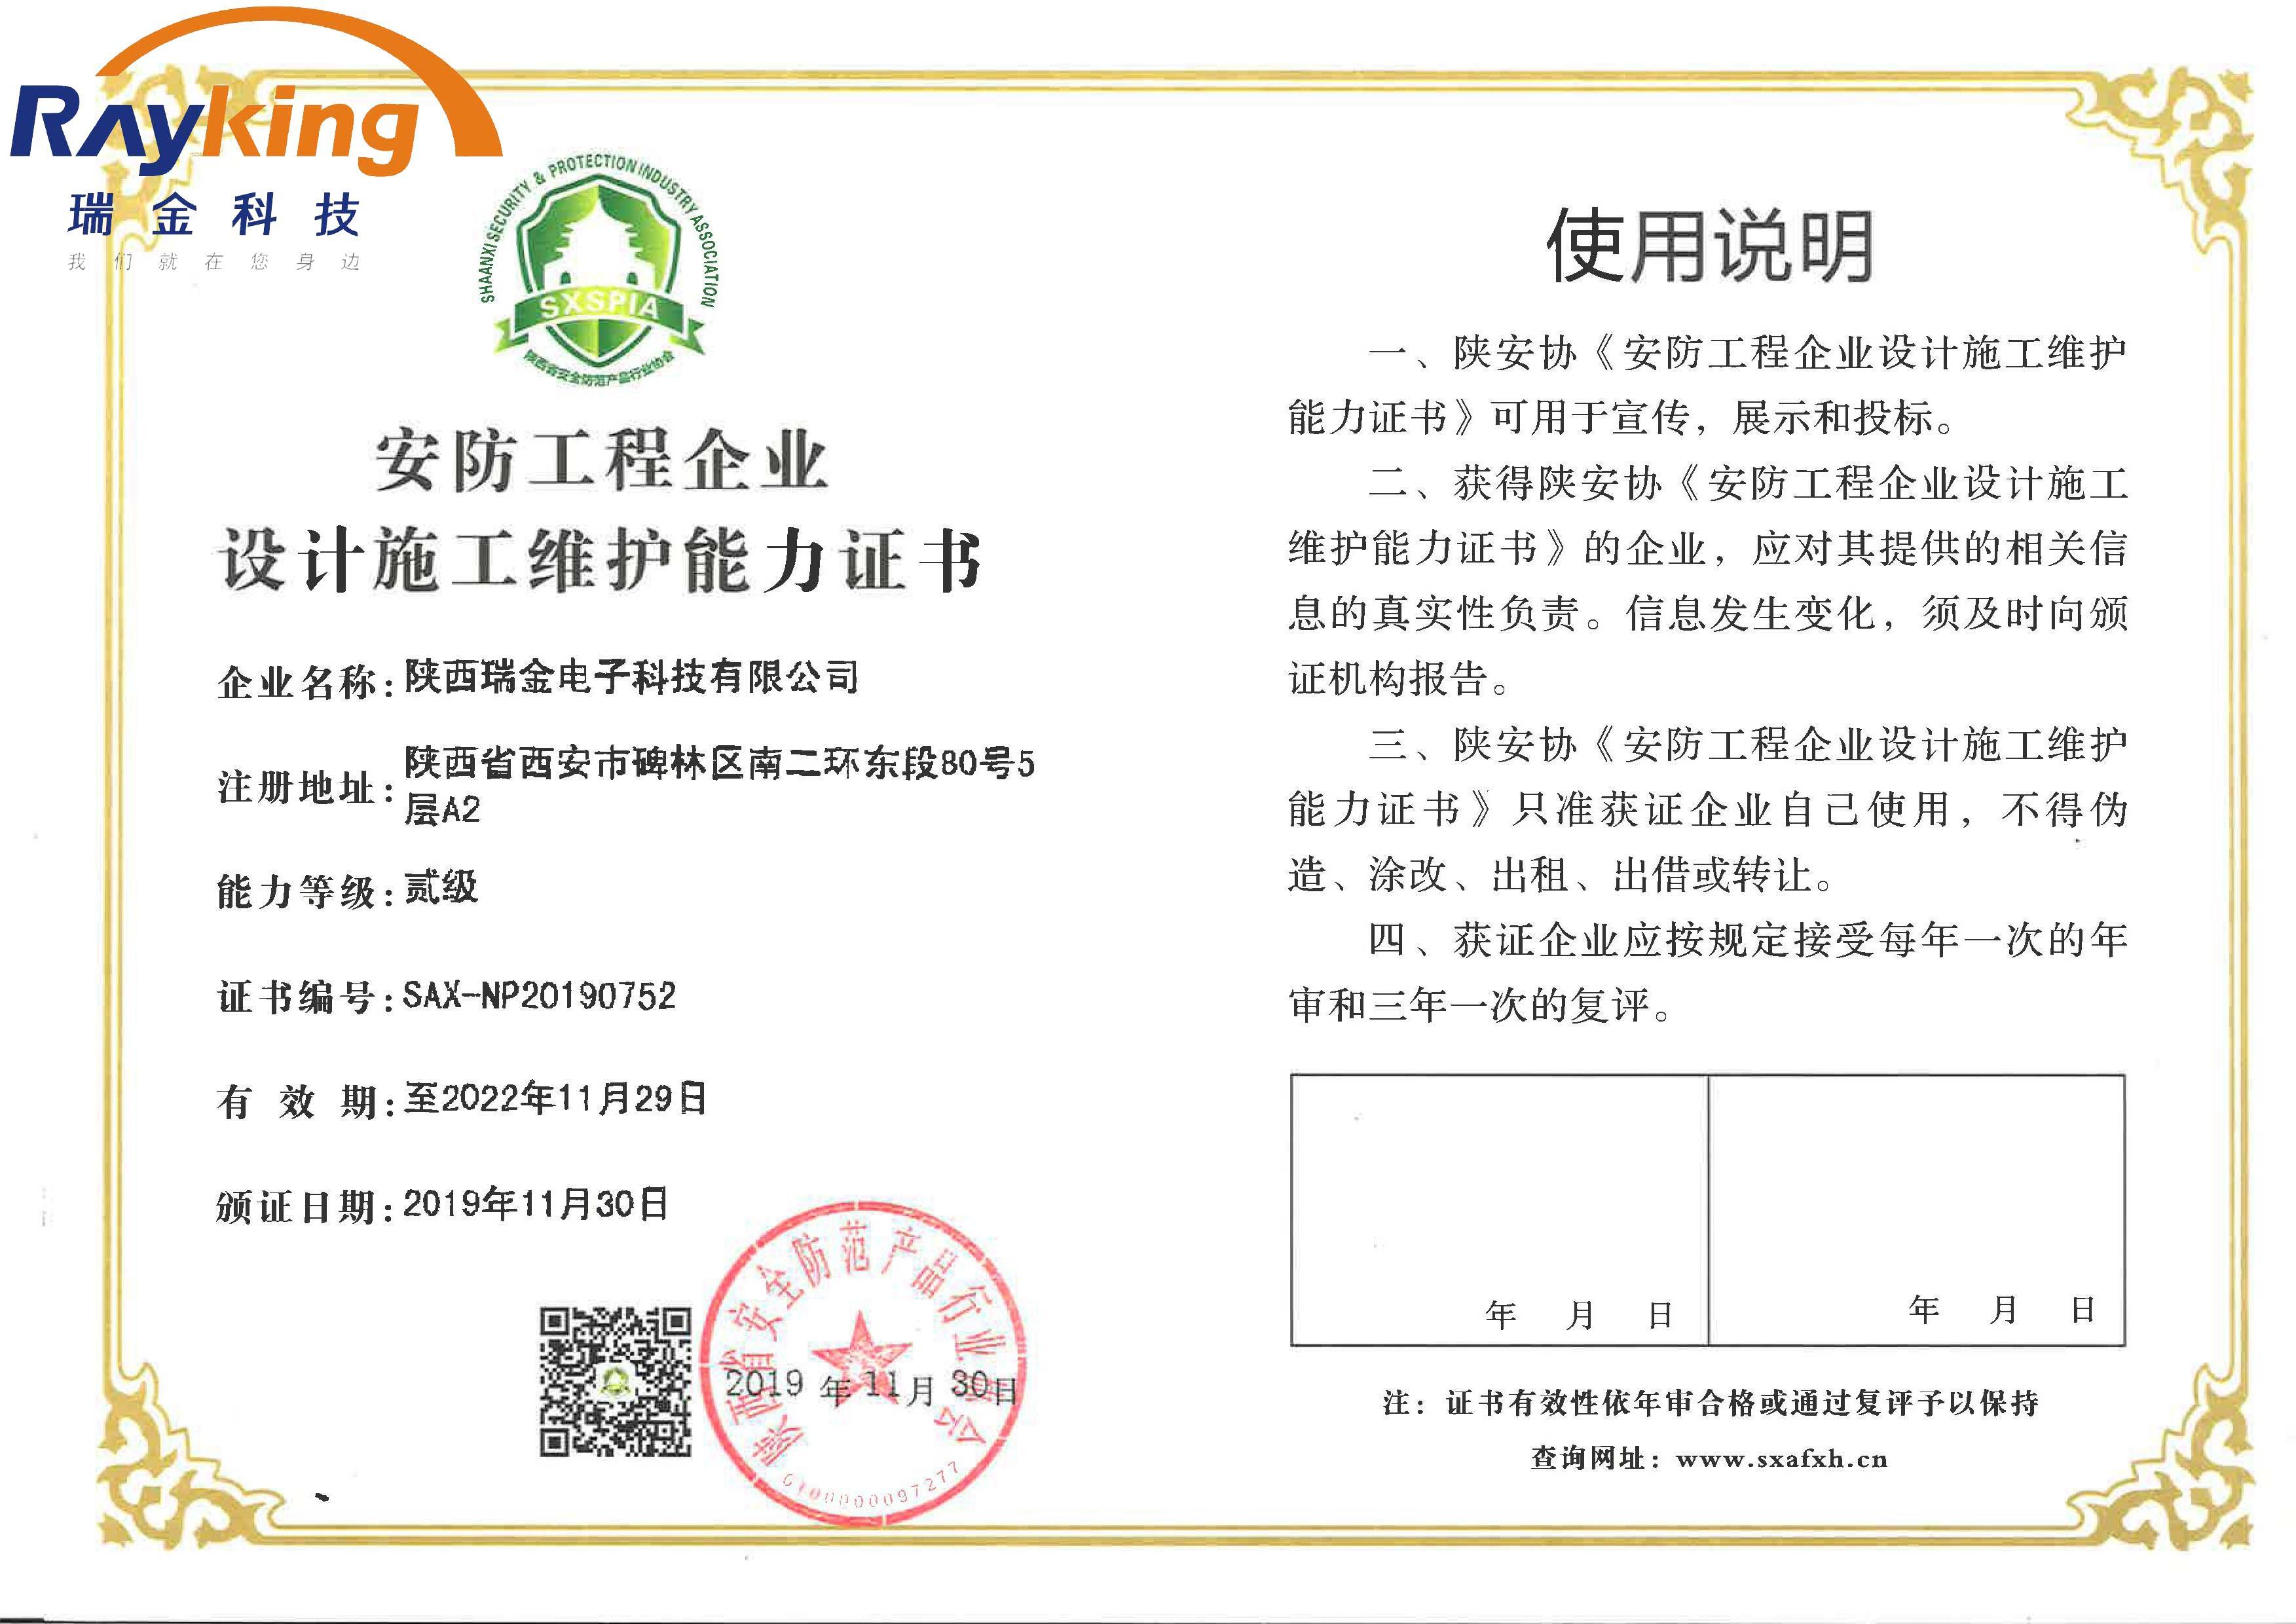 安防工程企业设计施工维护能力证书-二级-副本